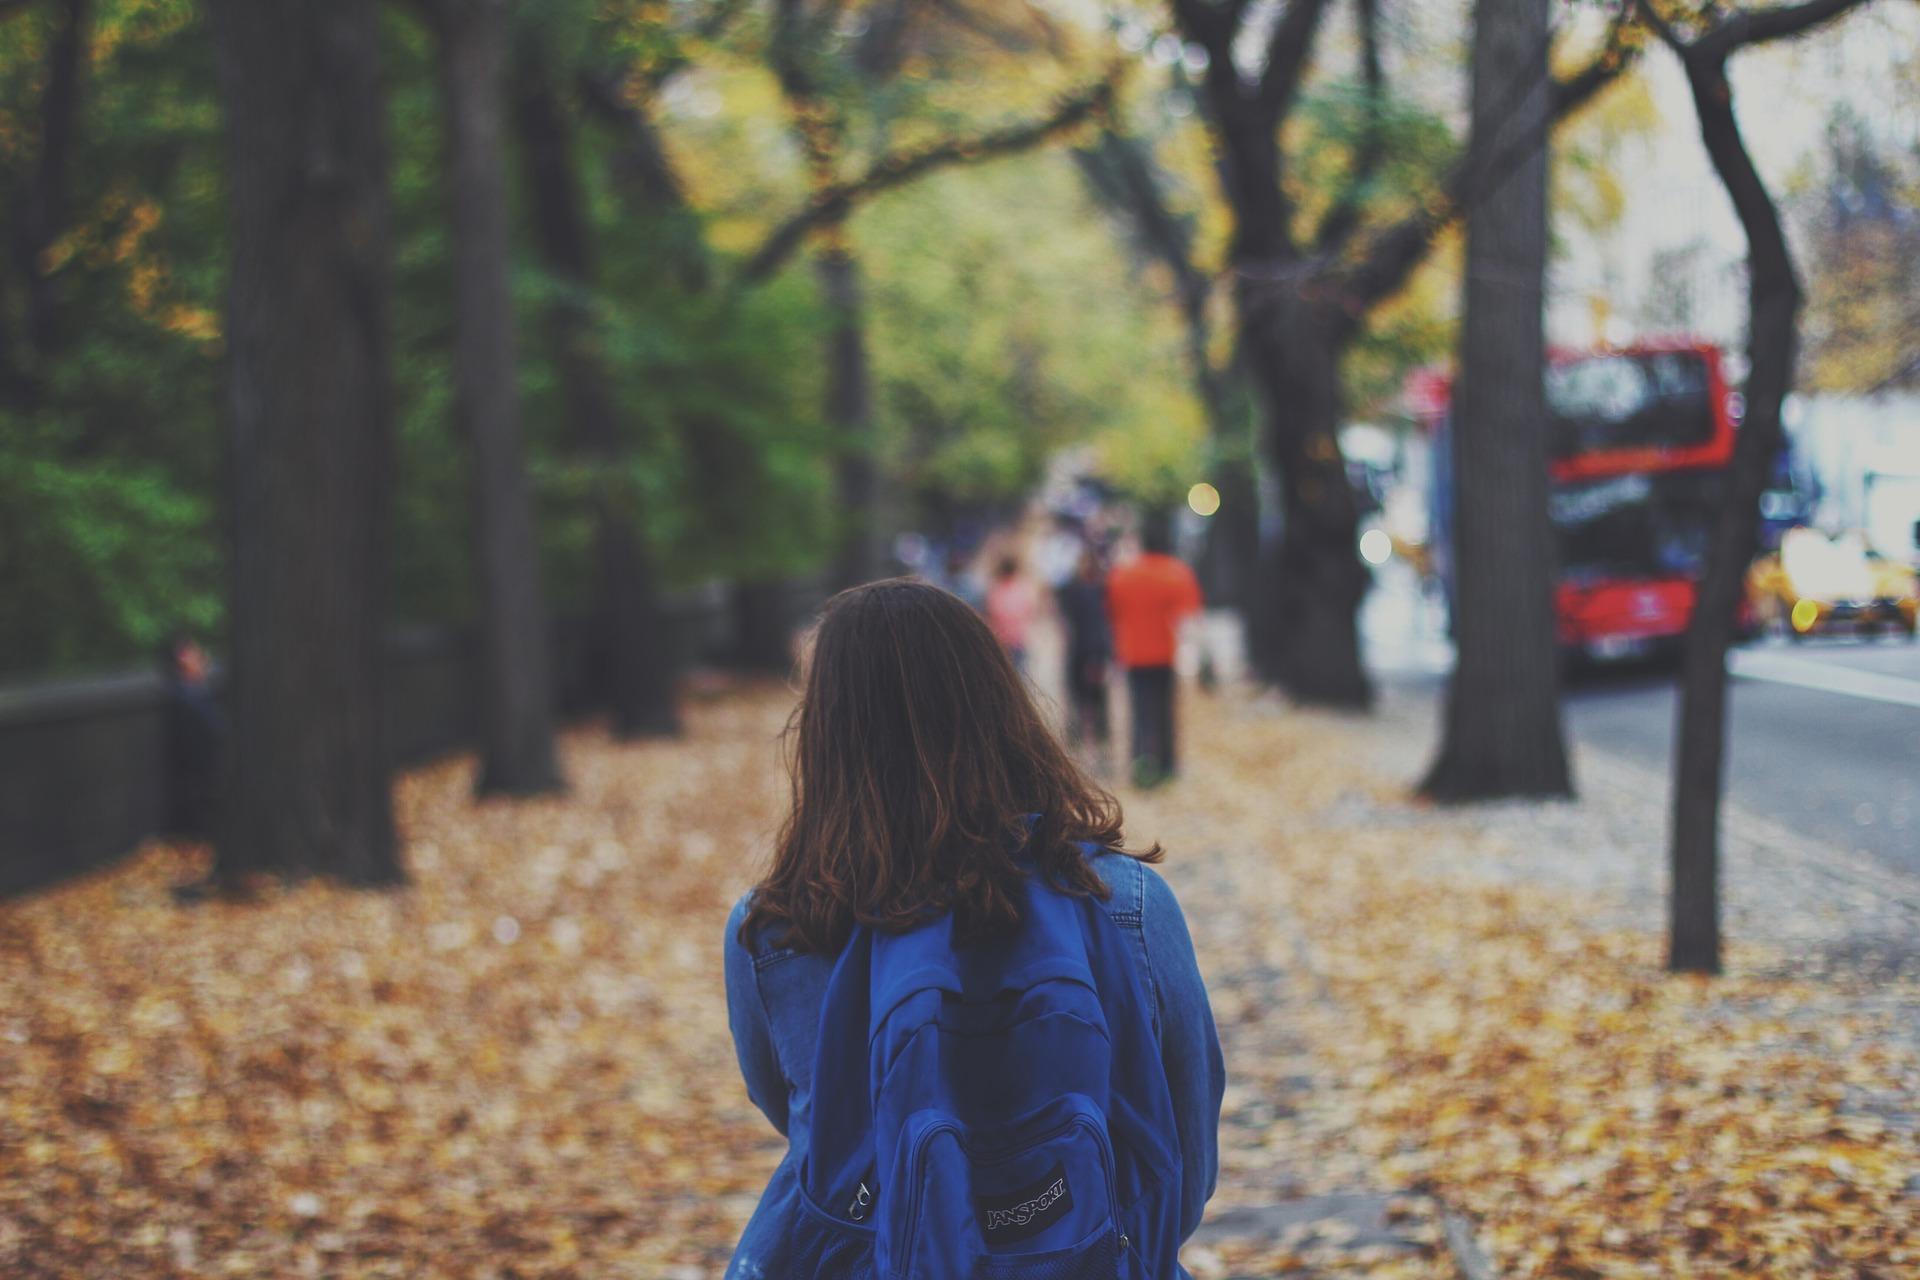 Comment soigner la phobie scolaire ?